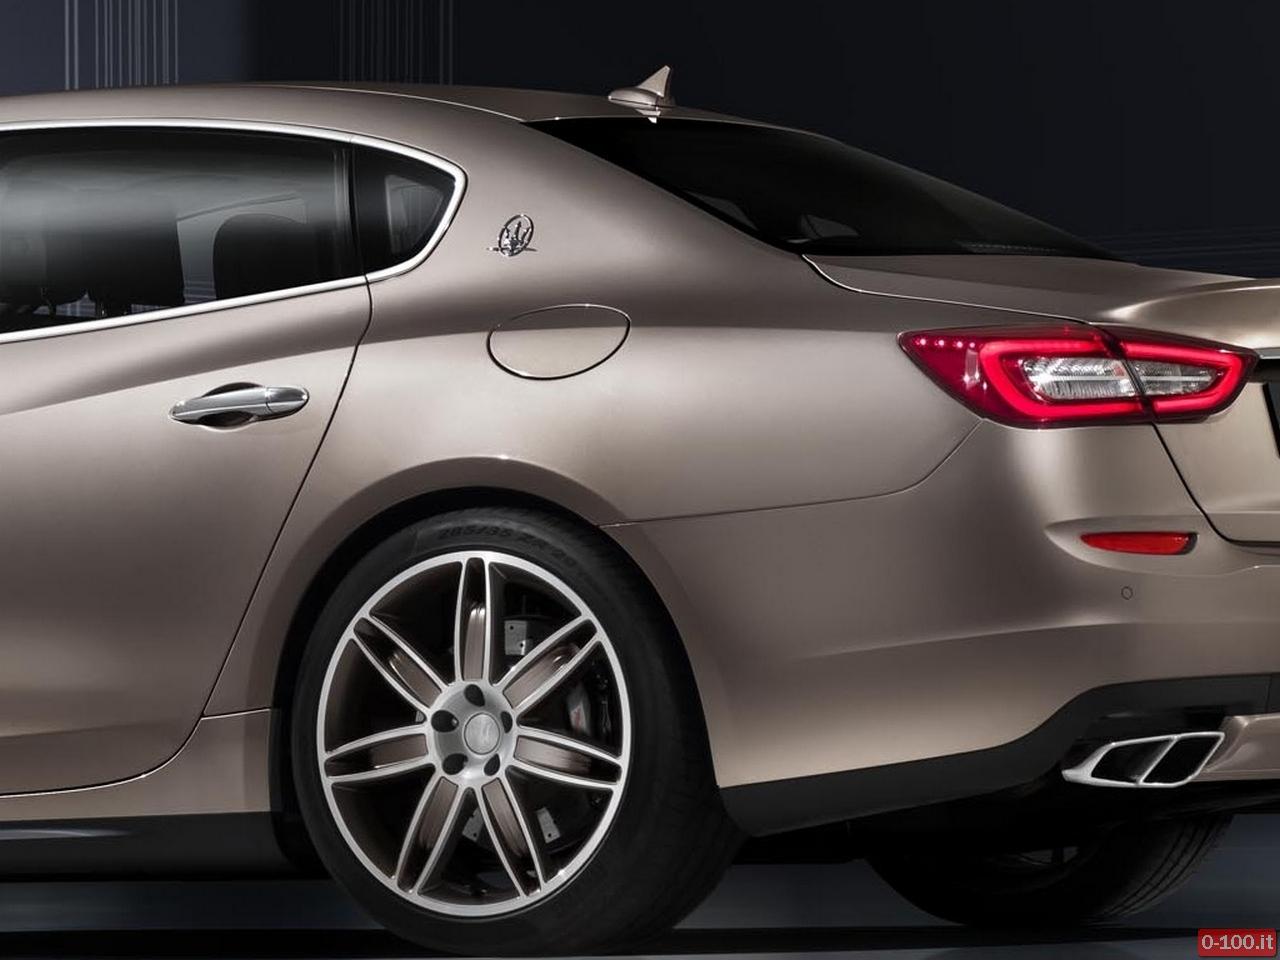 maserati-quattroporte-ermenegildo-zegna-limited-edition-concept_iaa-francoforte-2013_0-100_7